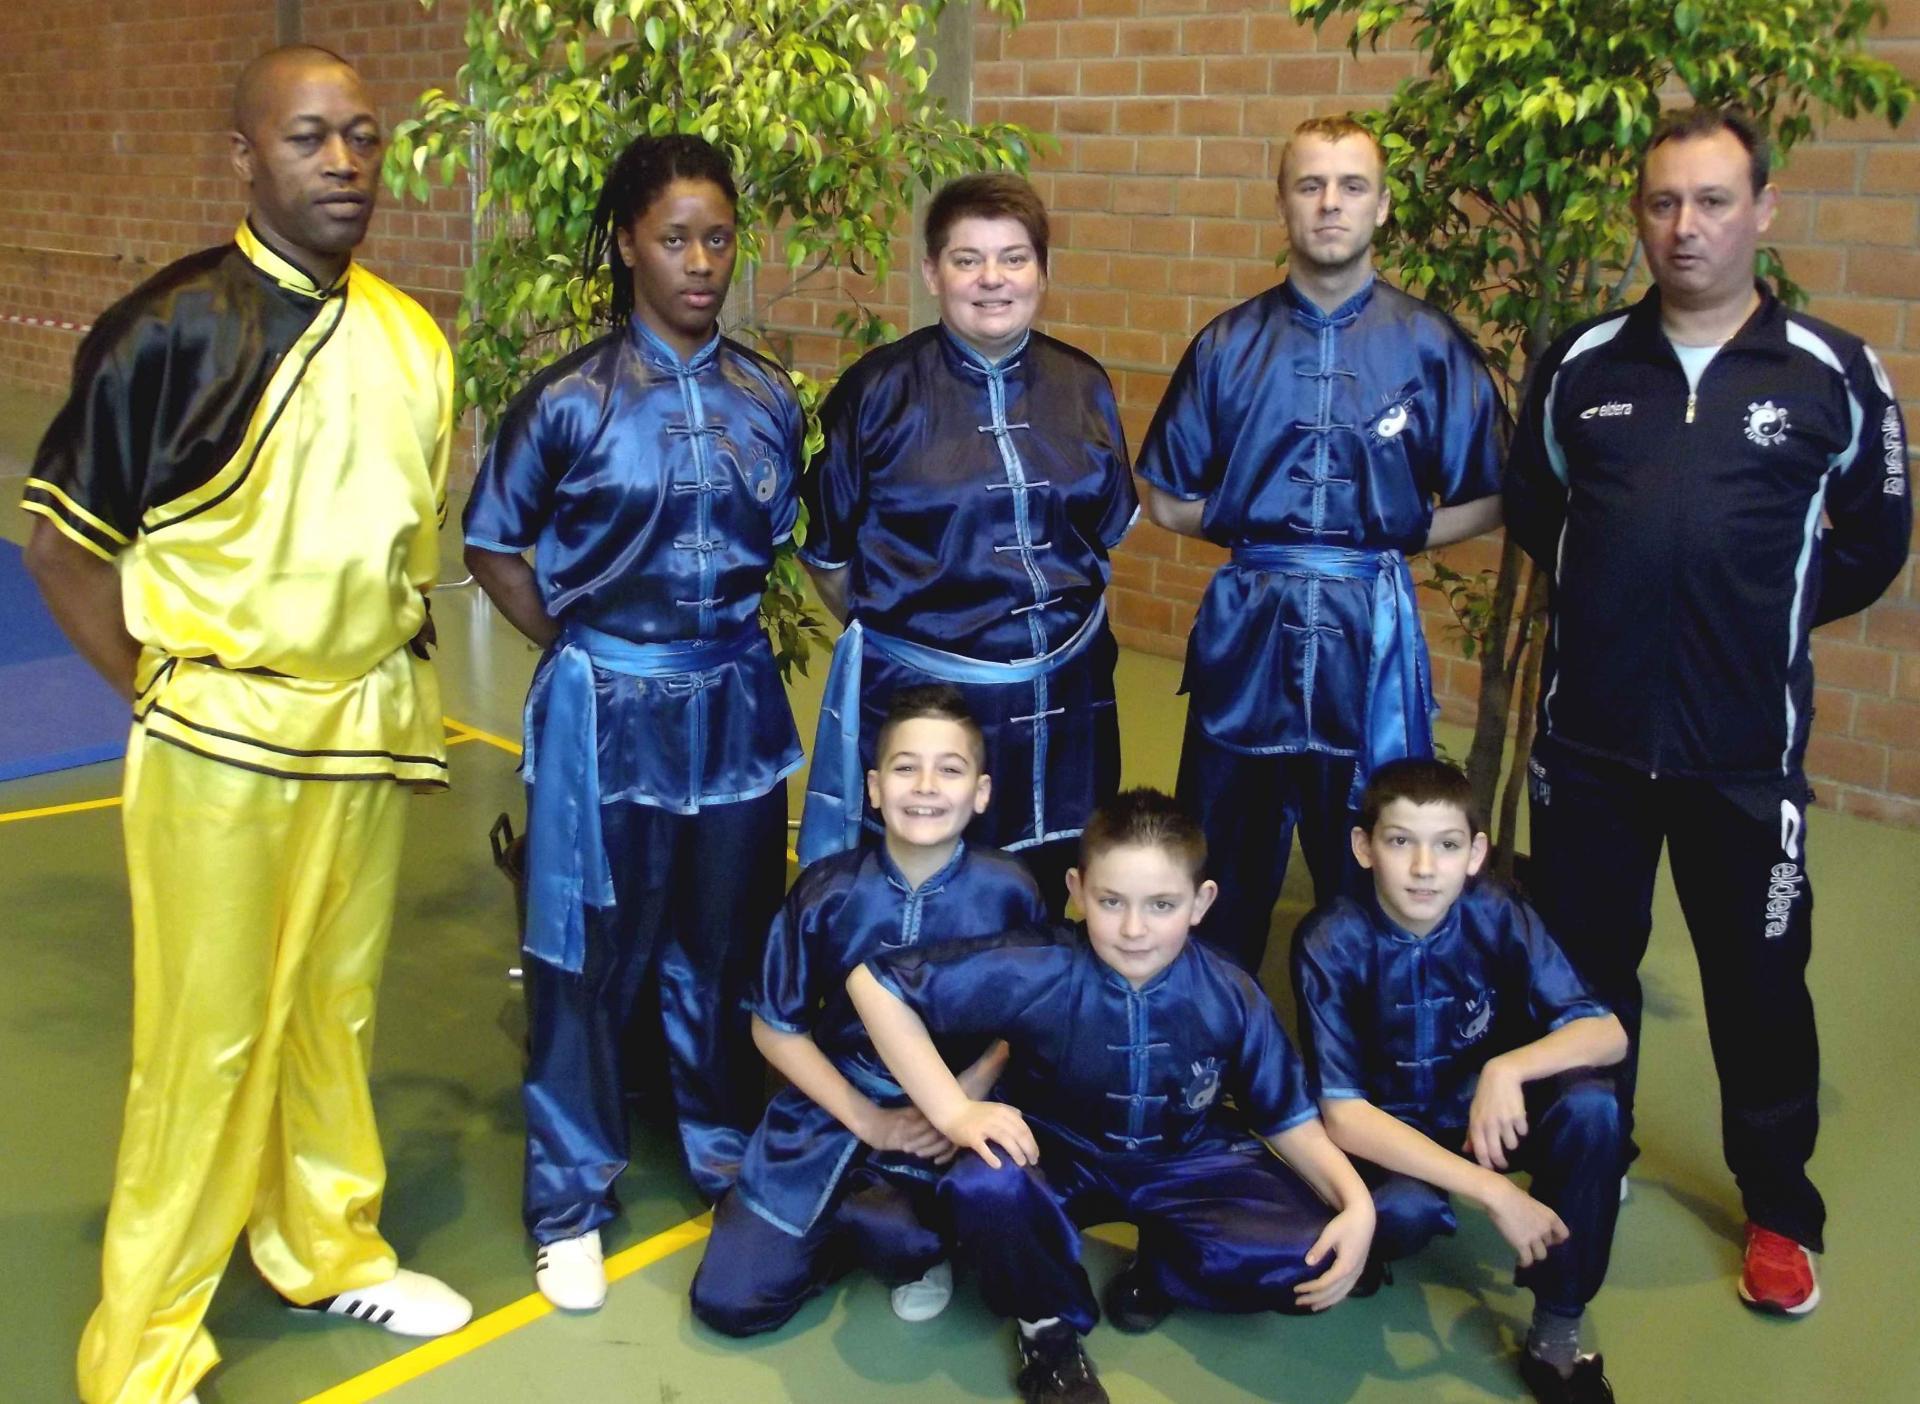 A equipe taolu